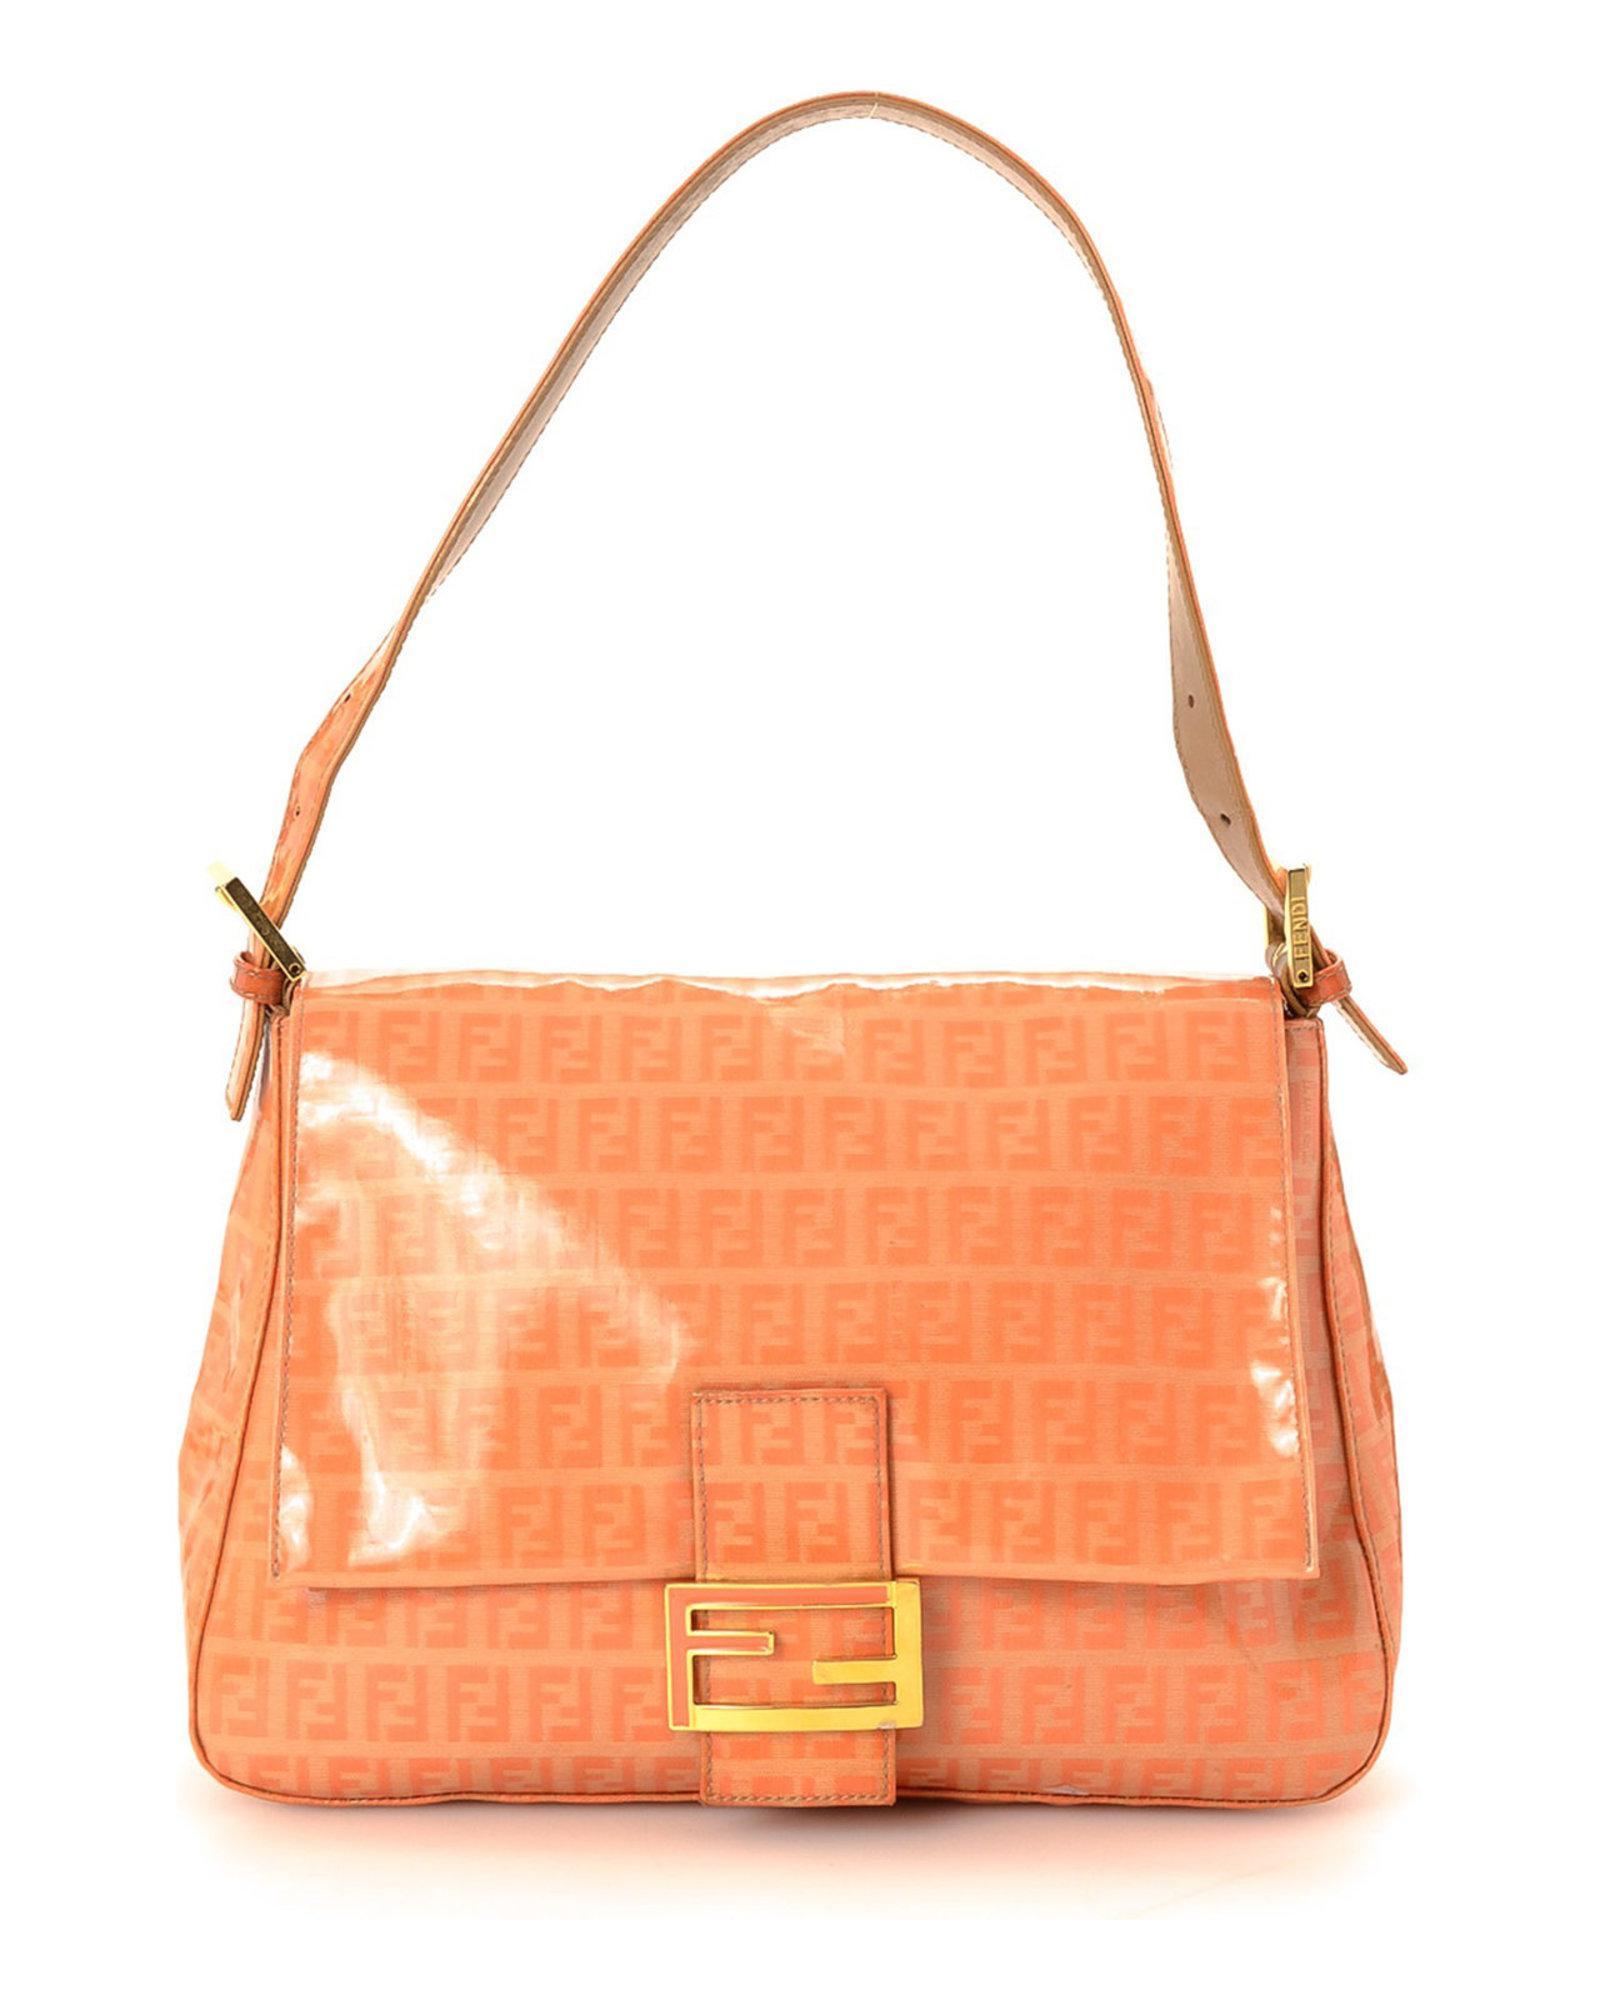 bdf6069213 Lyst - Fendi Zucchino Mamma Bague Shoulder Bag - Vintage in Orange